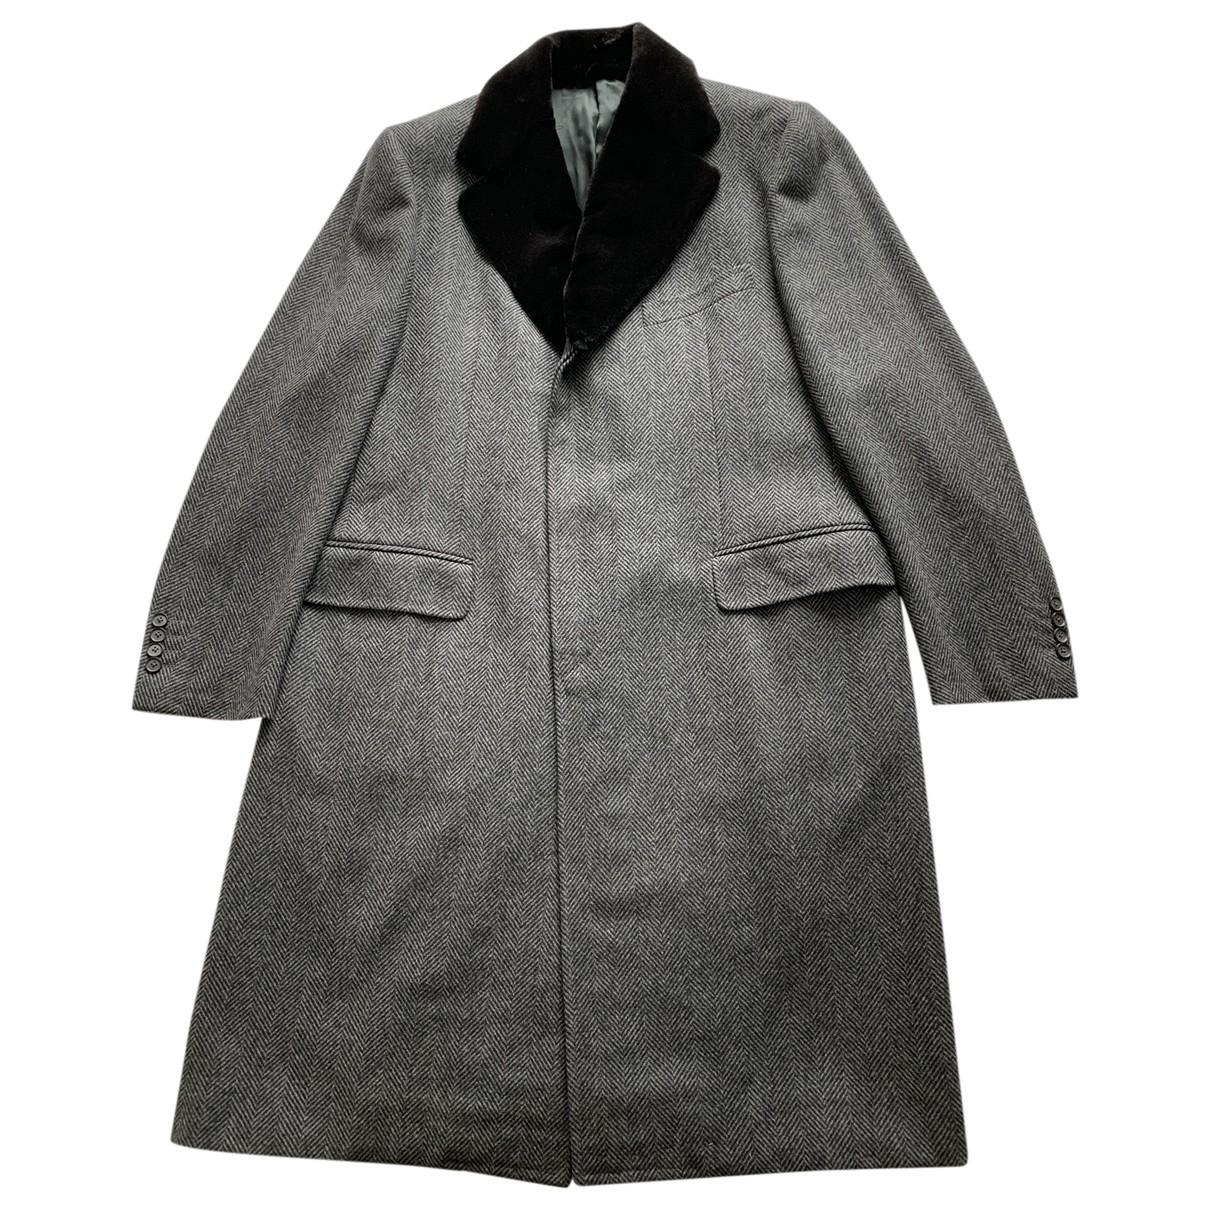 Valentino Garavani - Manteau   pour homme en laine - gris